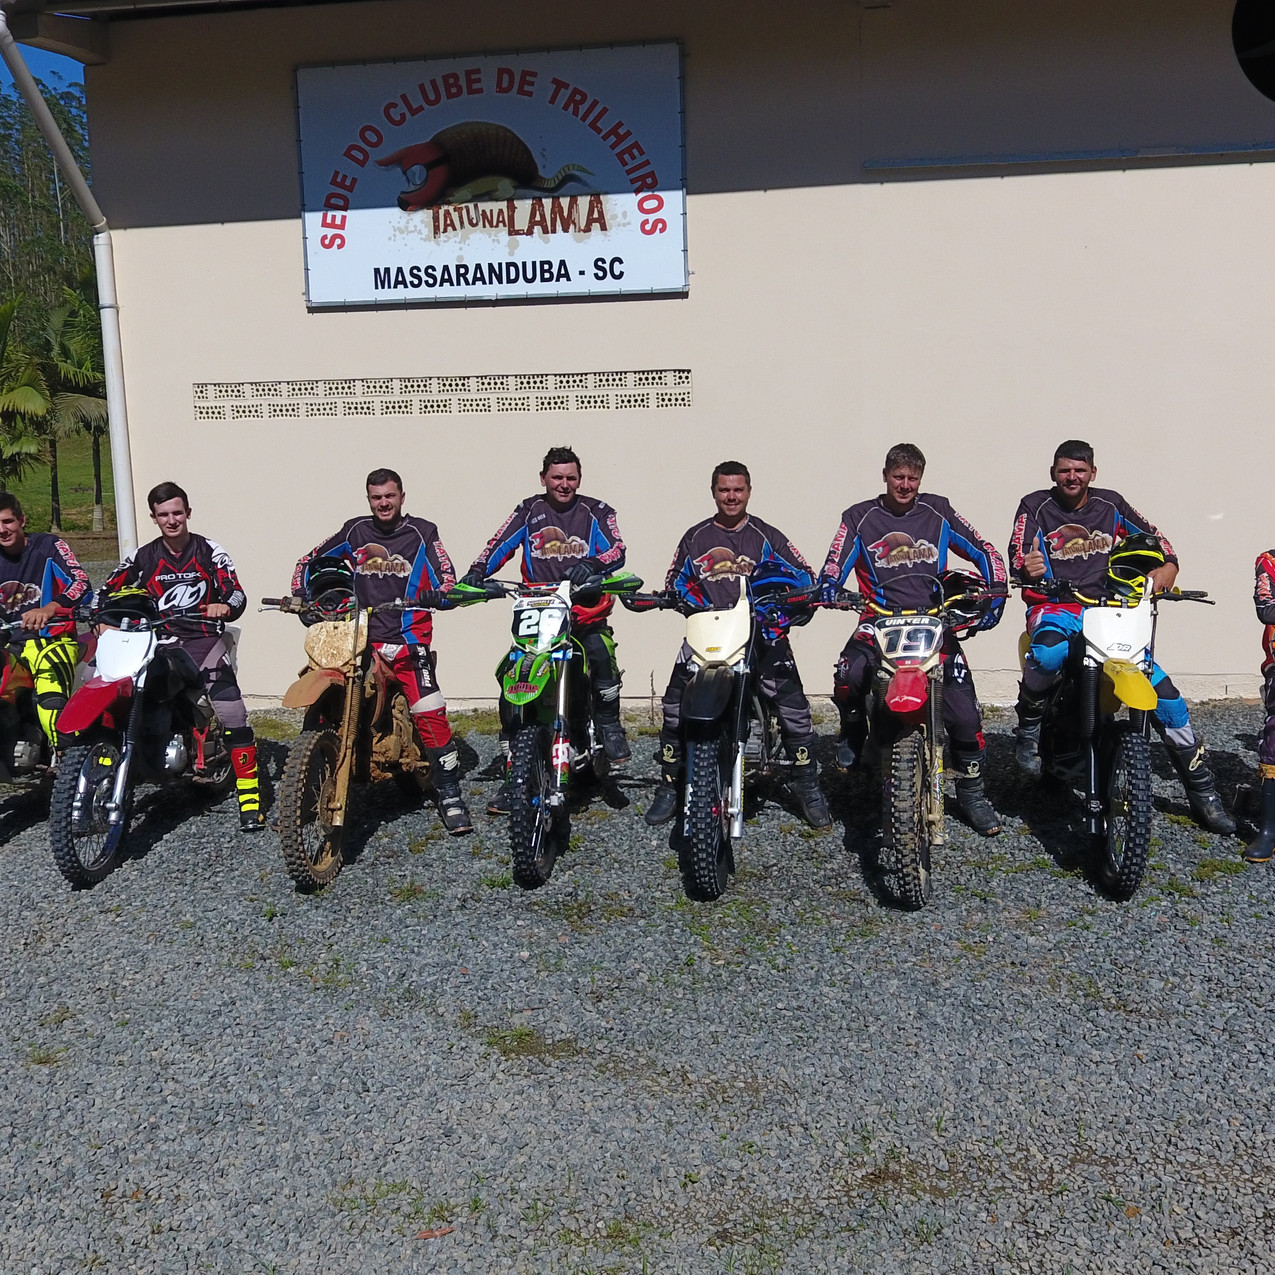 Equipe Tatu na Lama